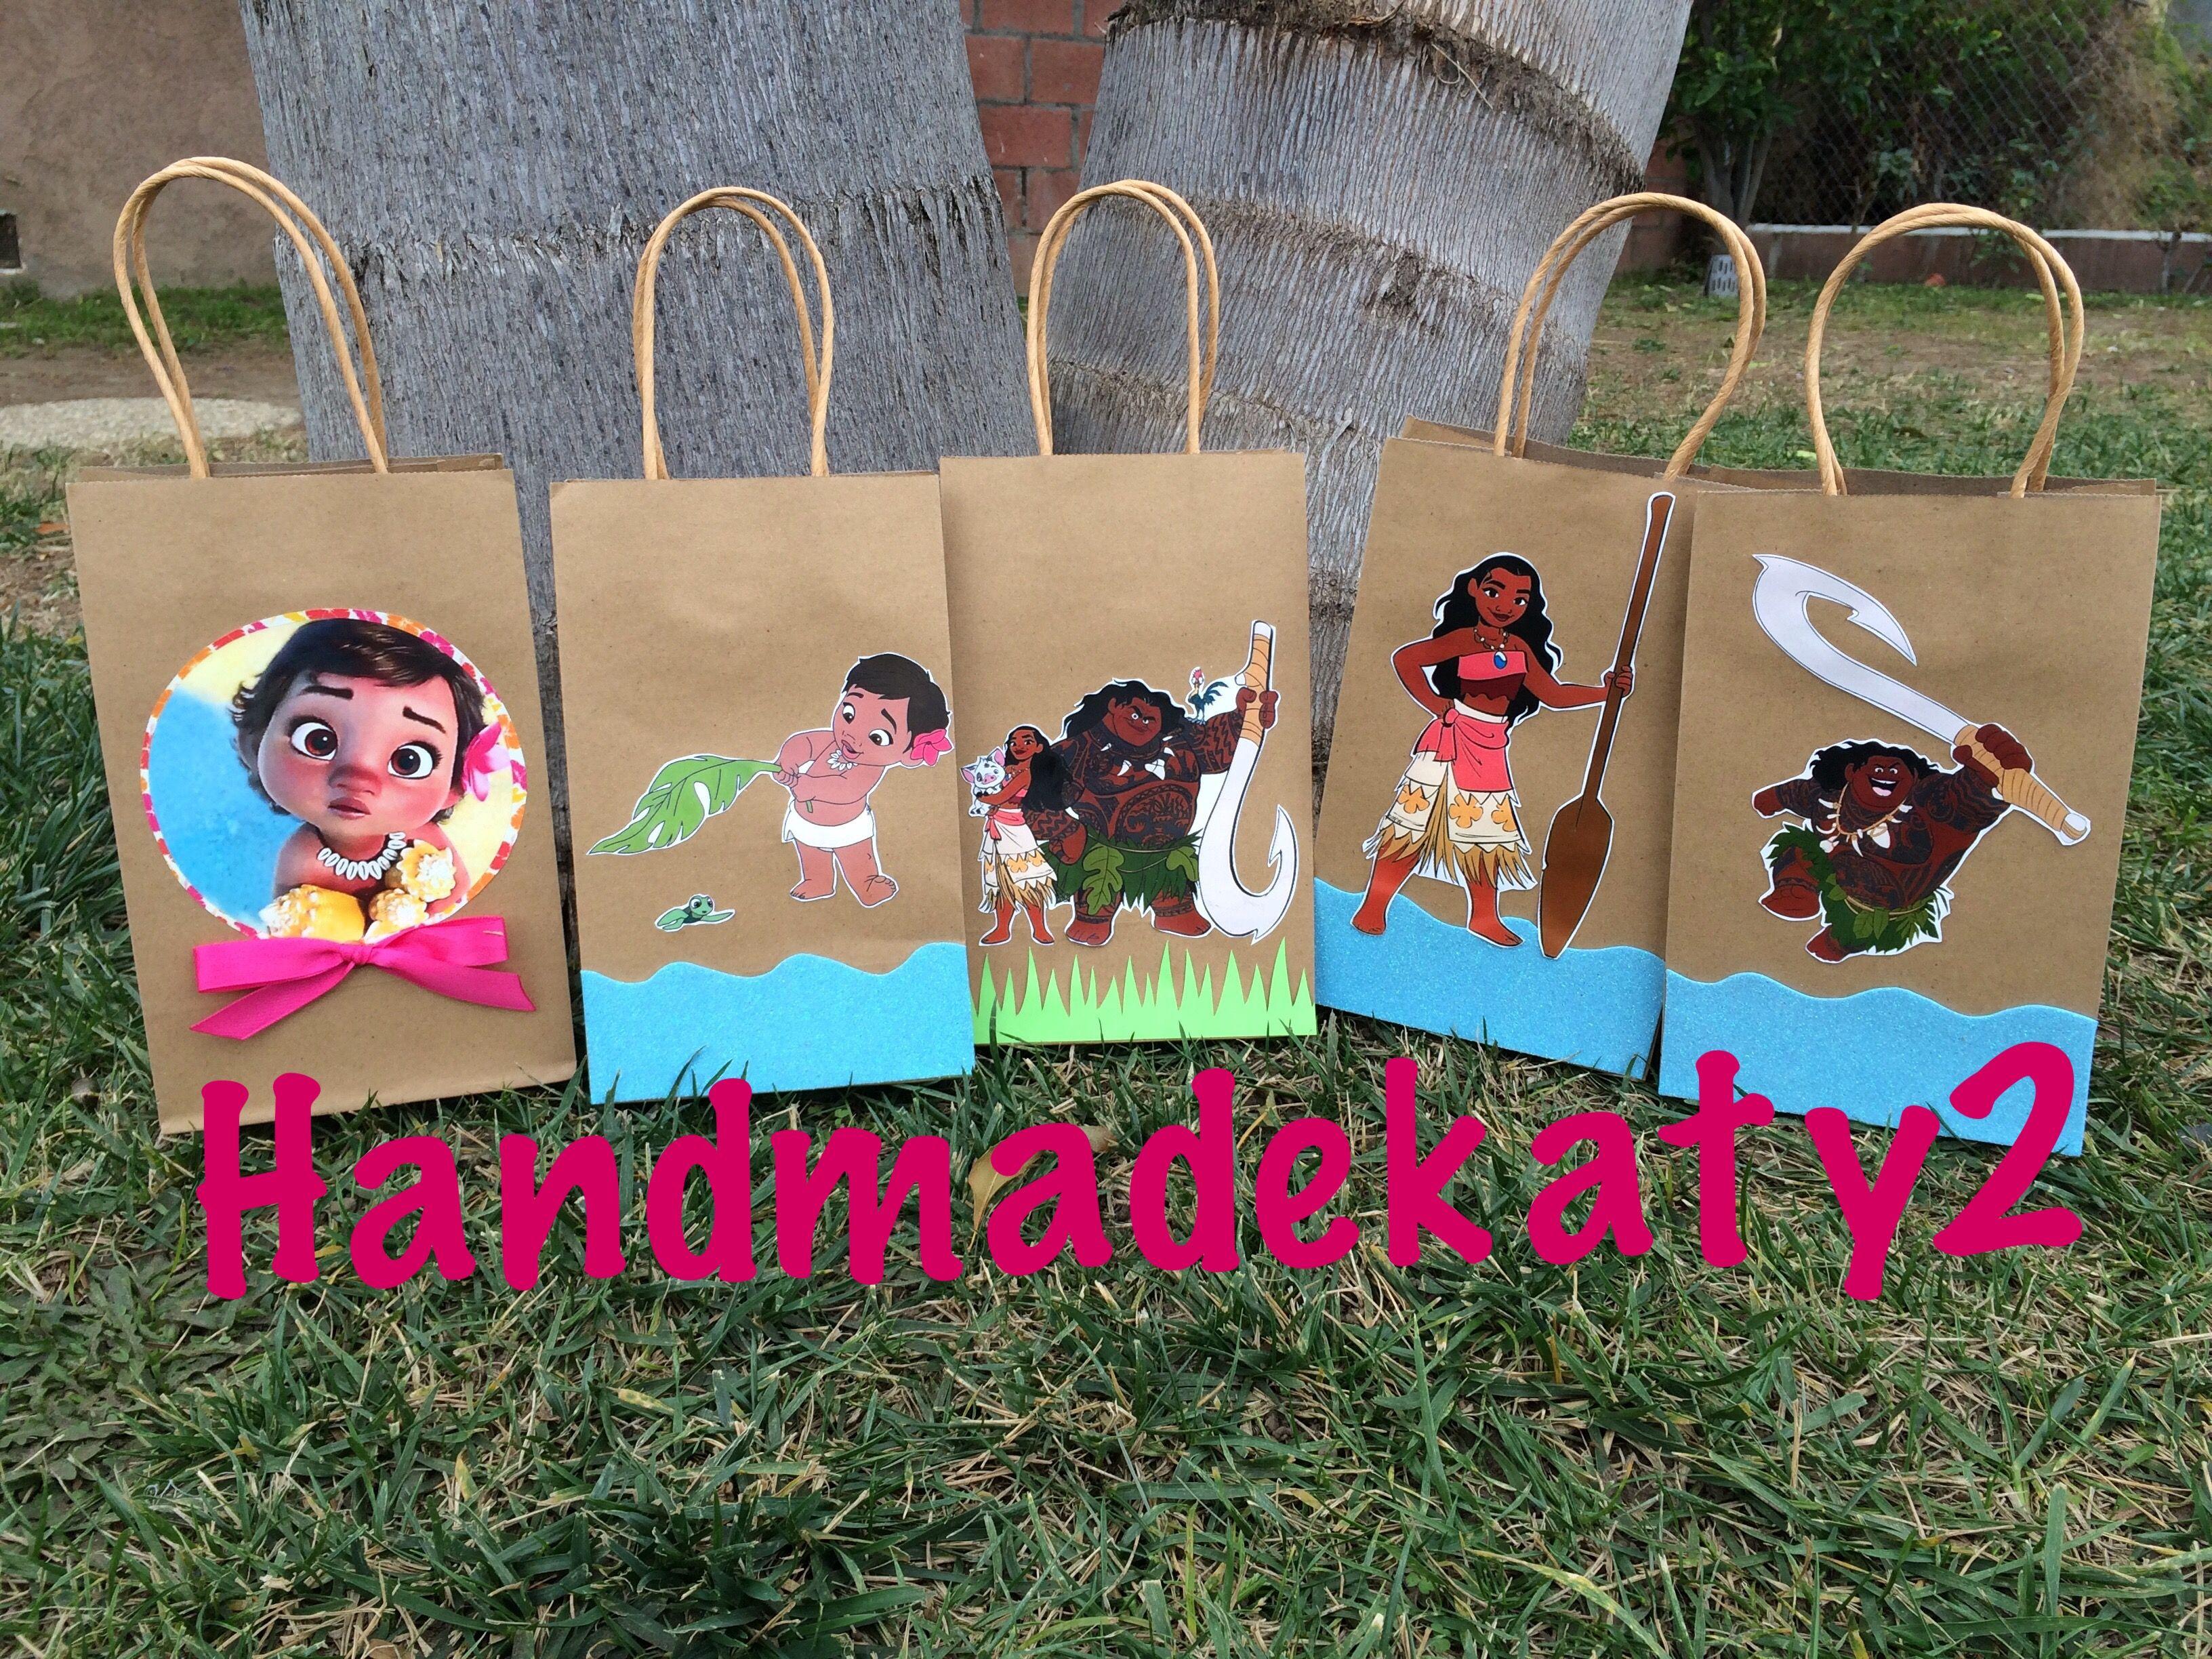 a9da9b2fd bolsitas moana Centros De Mesa Moana, Dulces Infantiles, Fiestas Infantiles,  Fiesta Tematica Moana